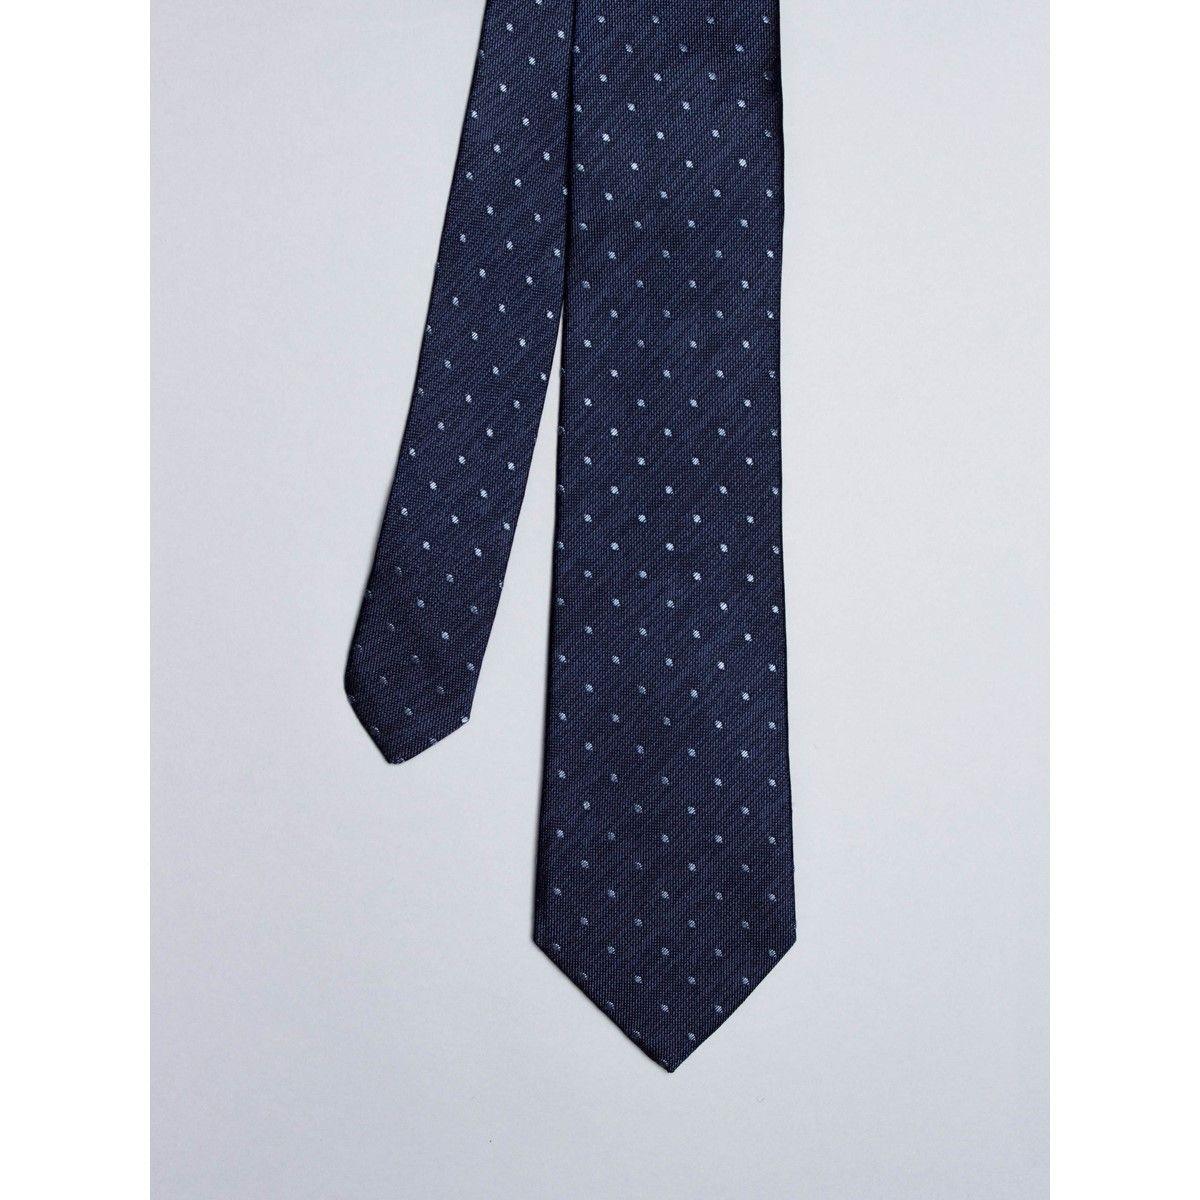 Cravate denim avec micro pois bleus